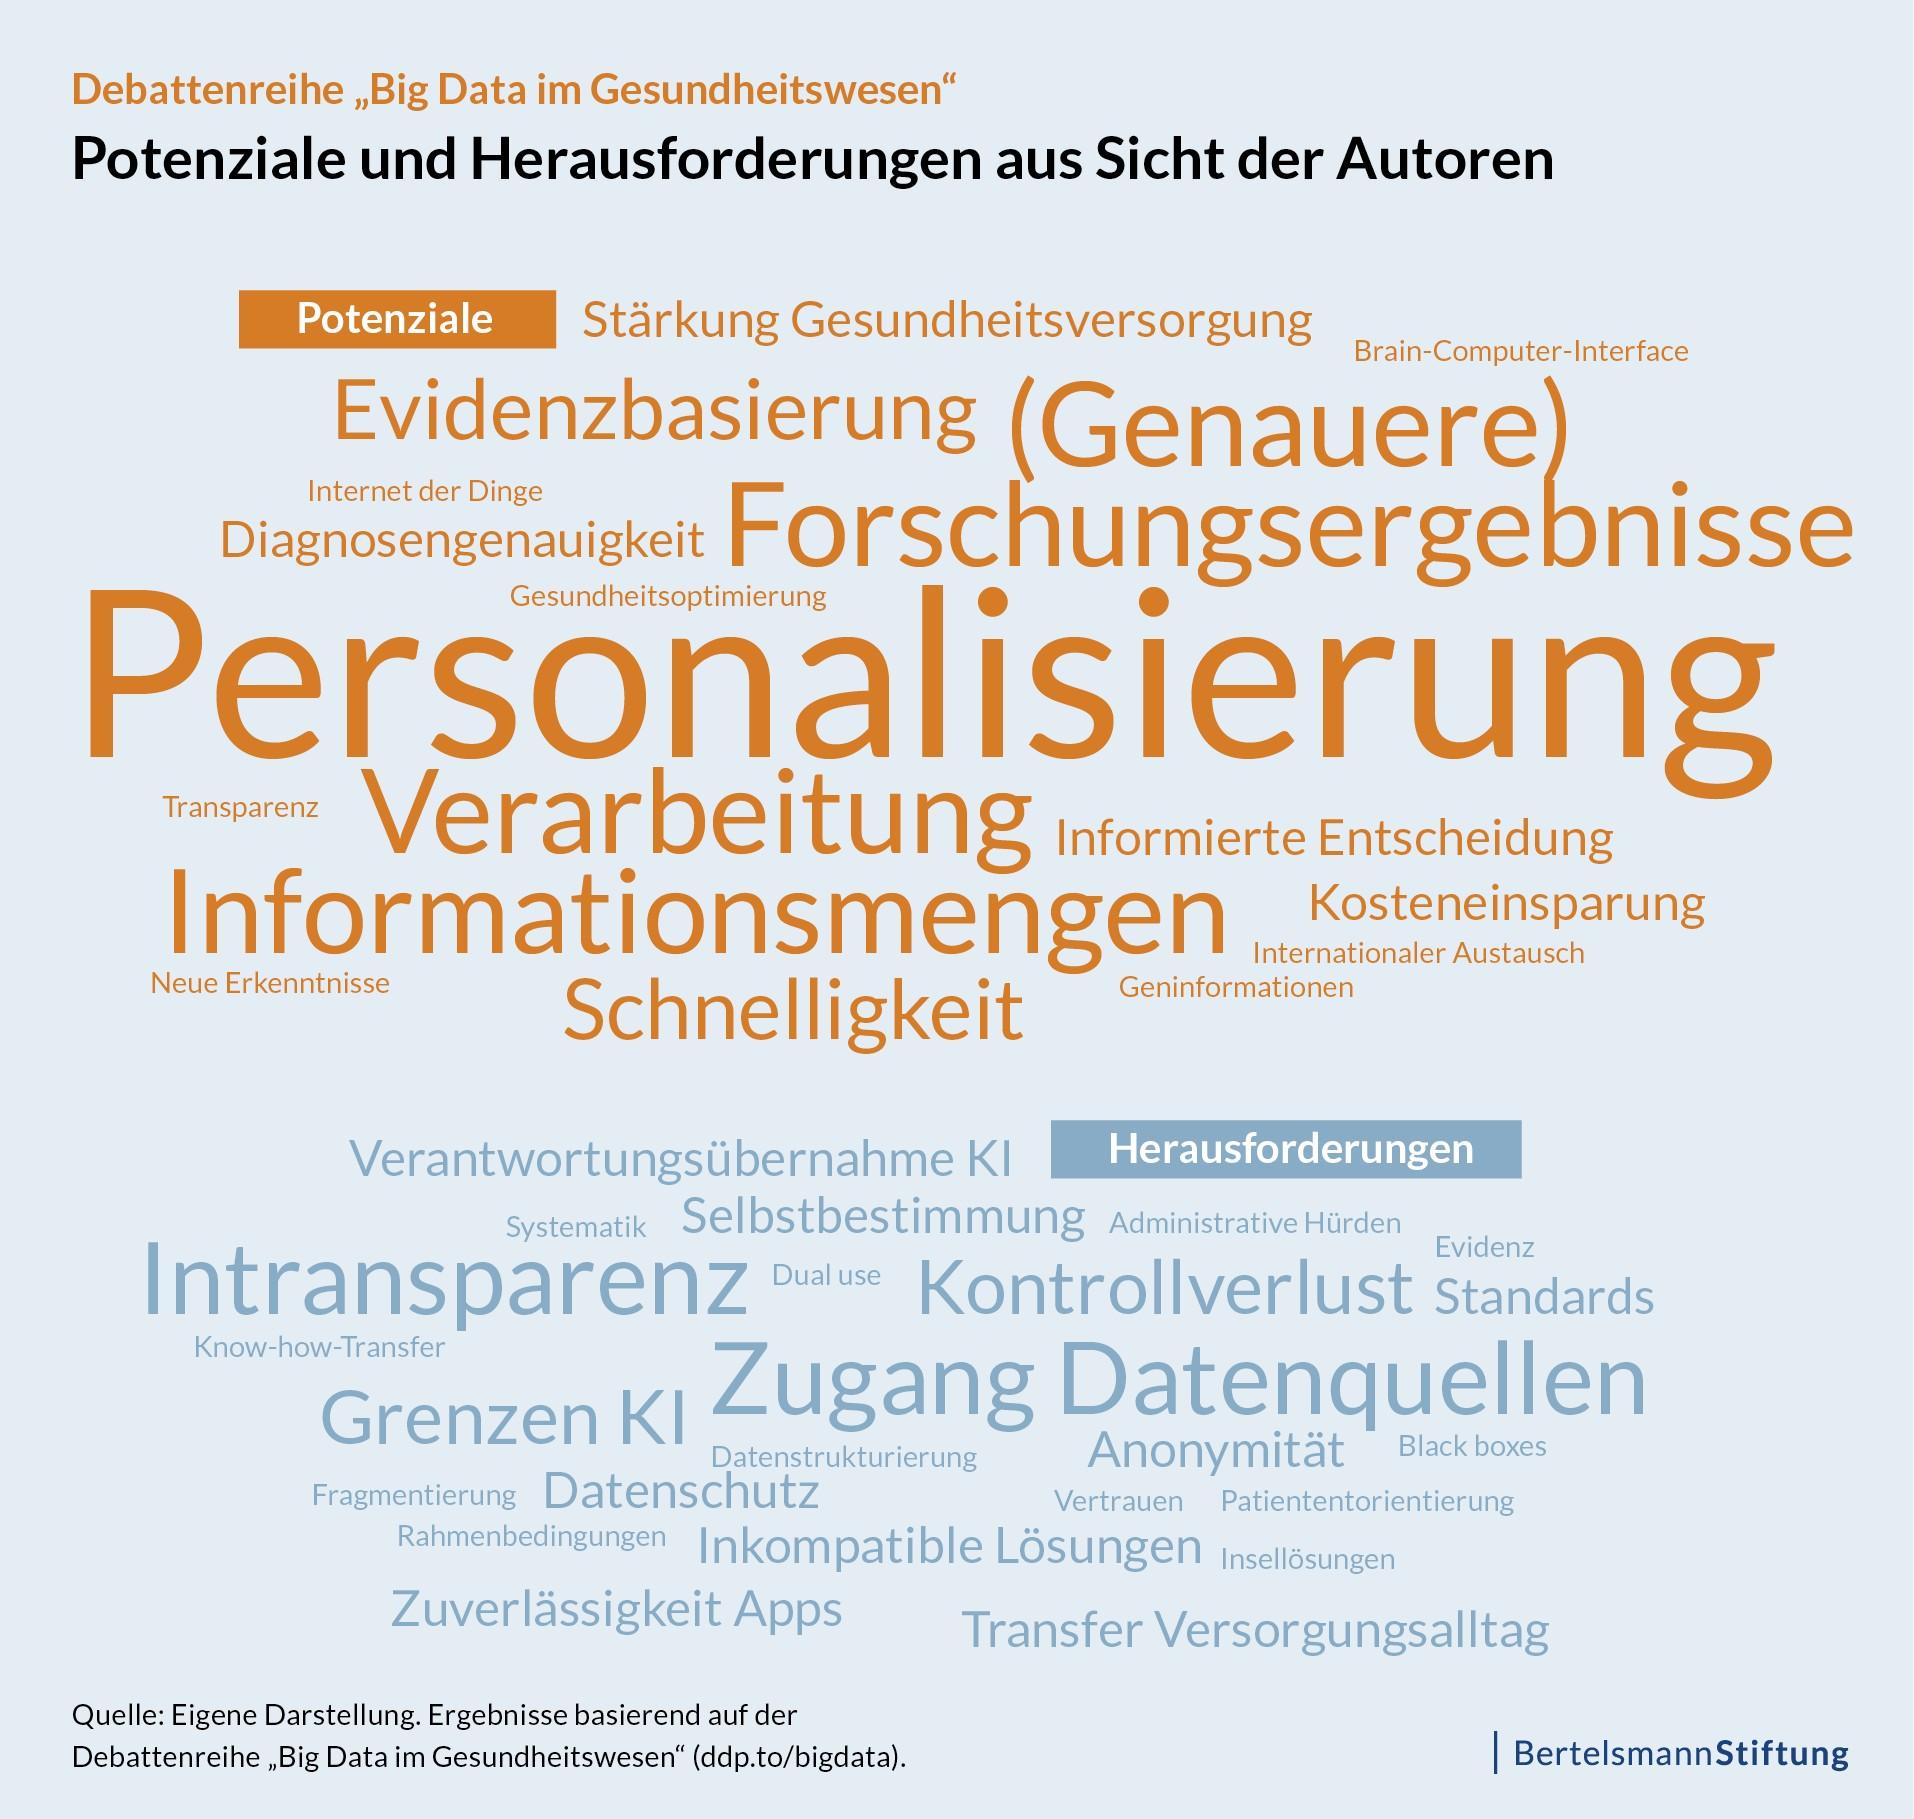 """Debattenreihe """"Big Data im Gesundheitswesen"""": Potenziale und Herausforderungen aus Sicht der Autoren"""